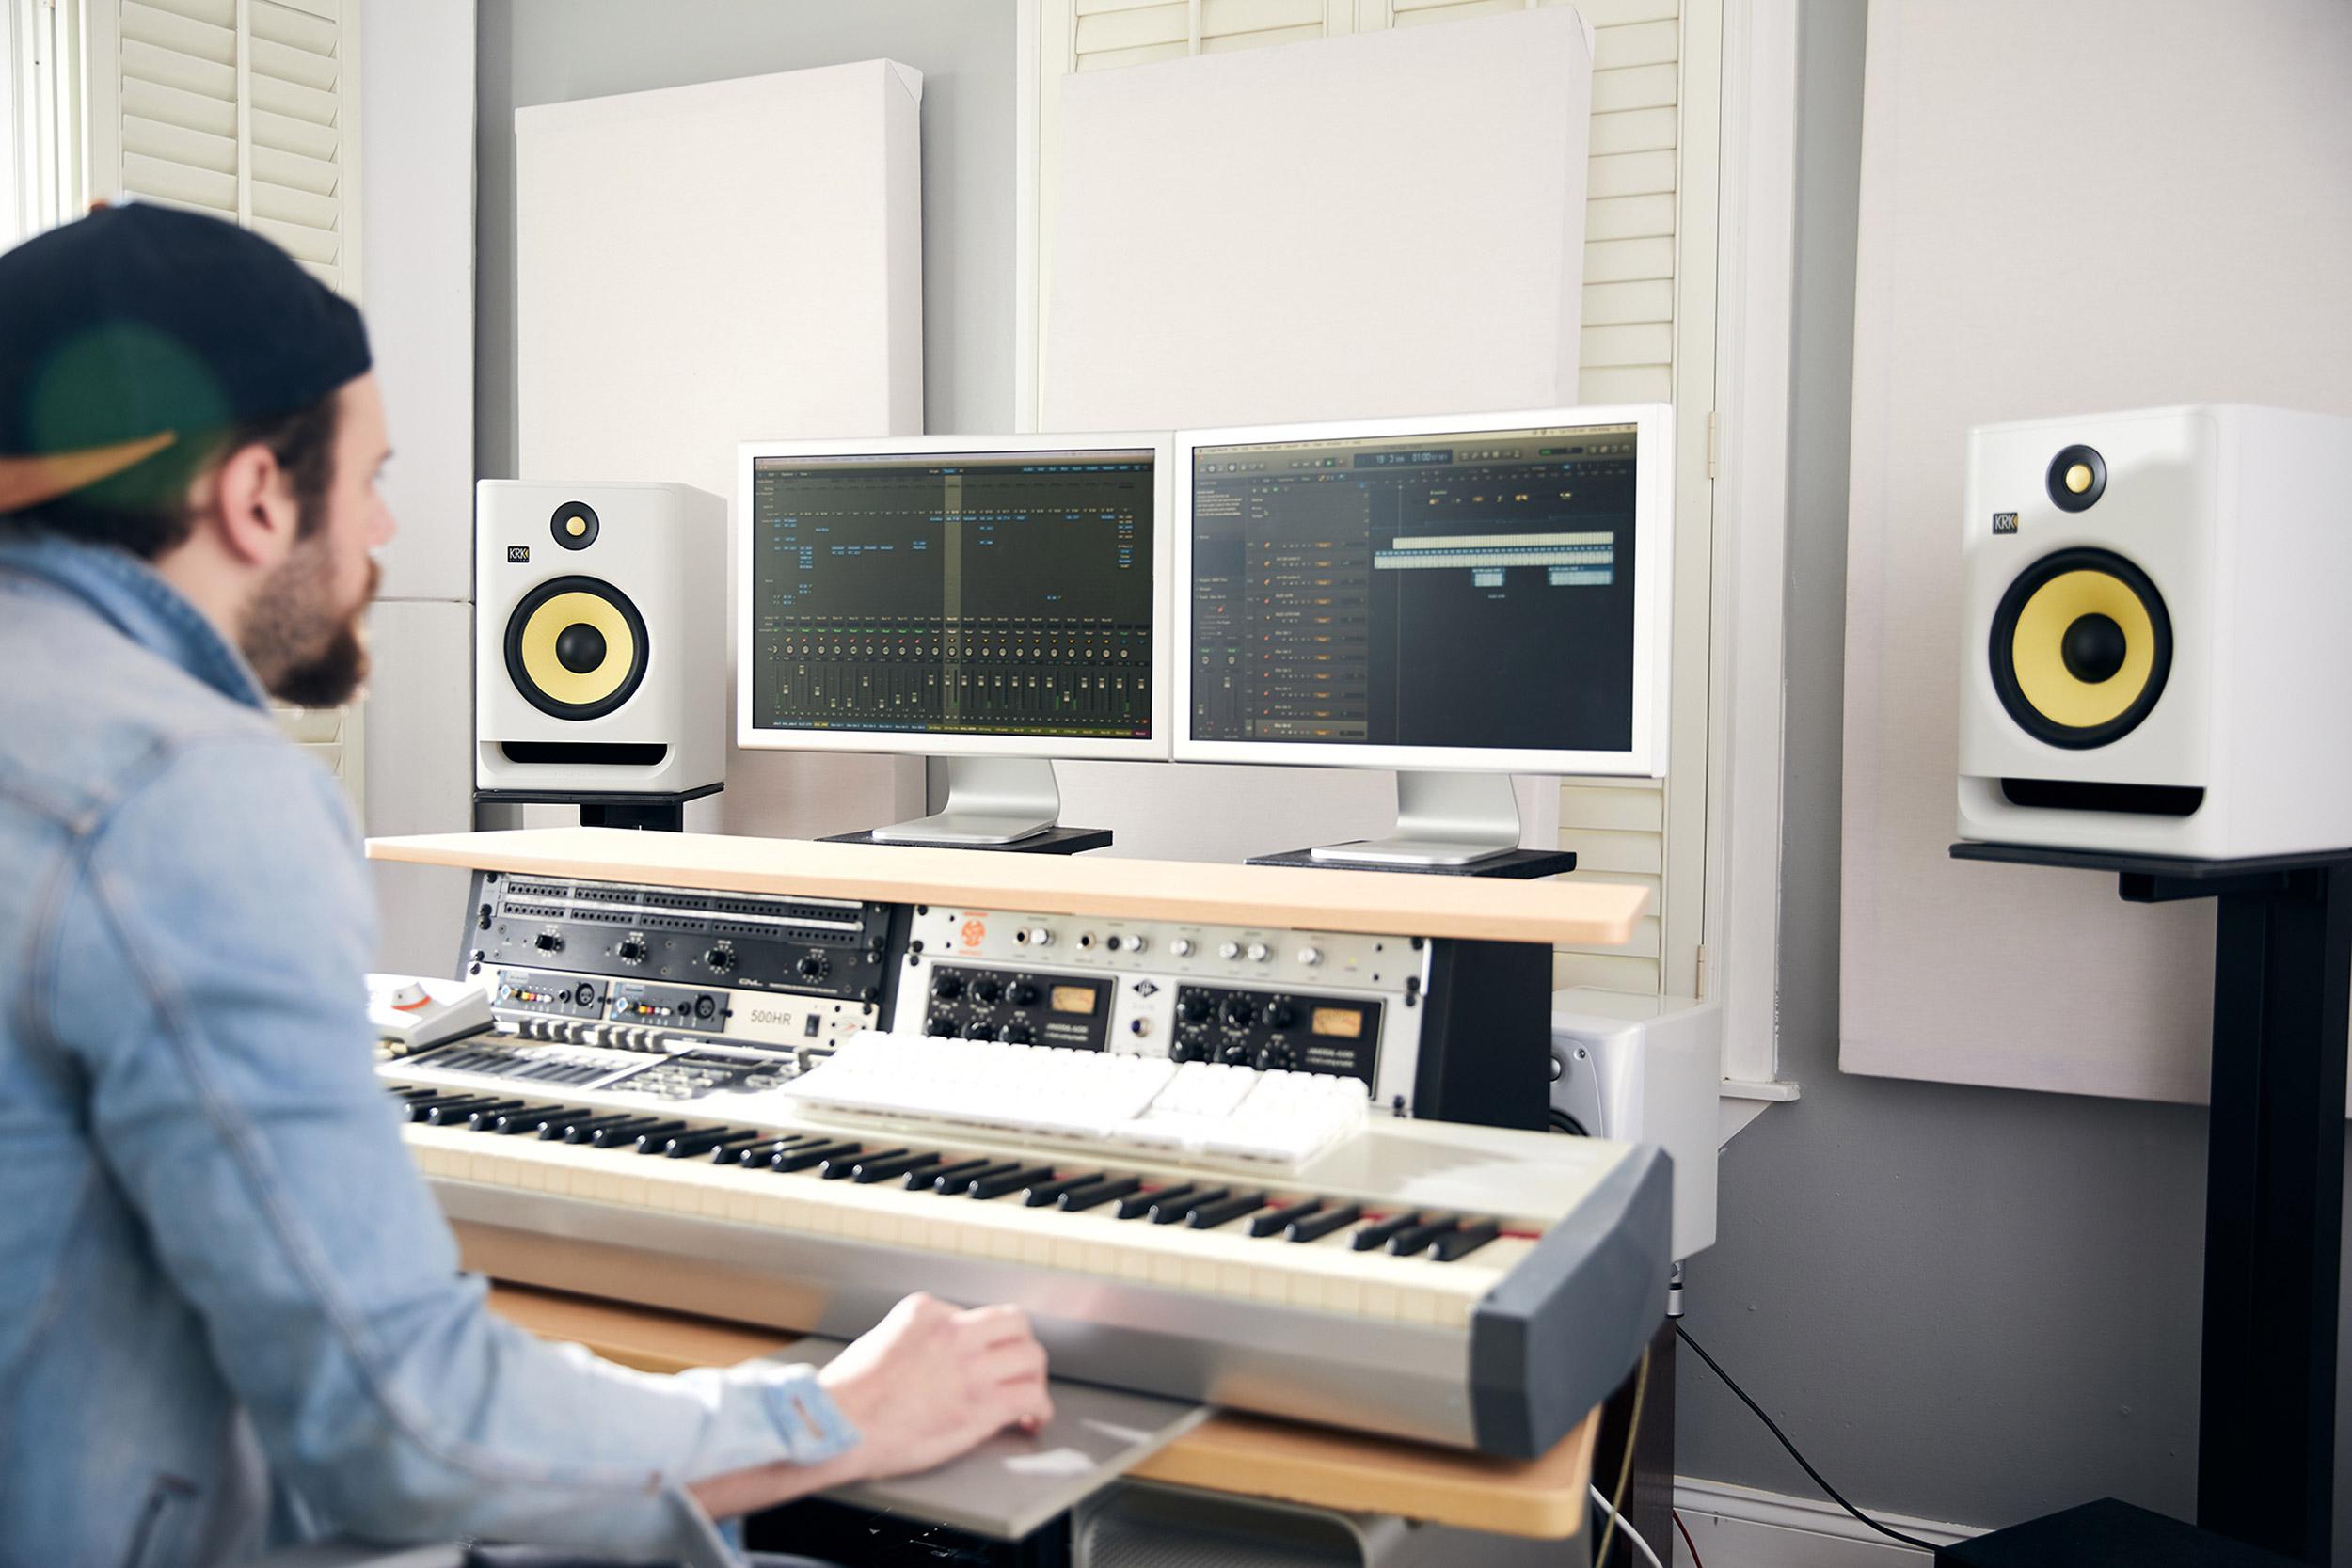 KRK ROKIT G4 White Noise - Your Creation Environment